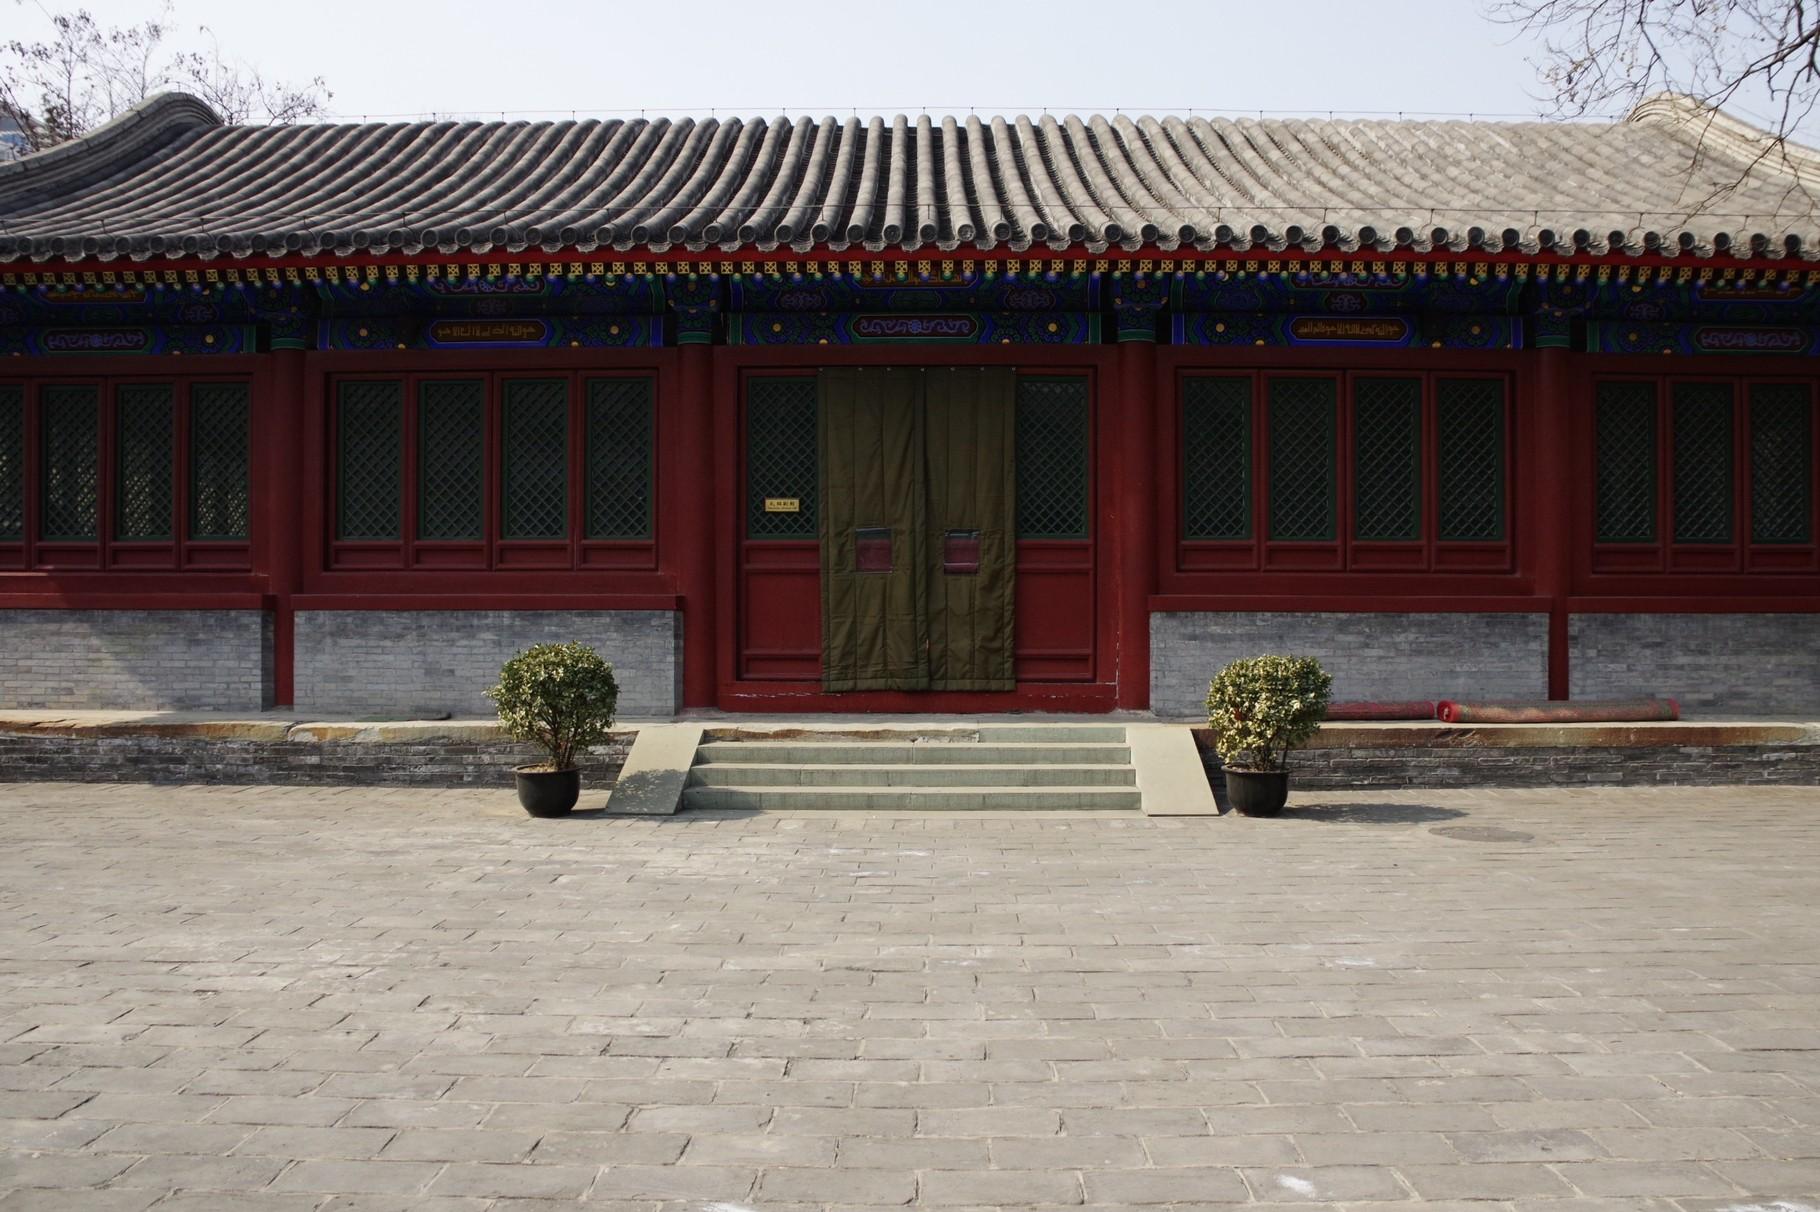 中心軸の第一の中庭 西側 第一の主殿「礼拝副殿」